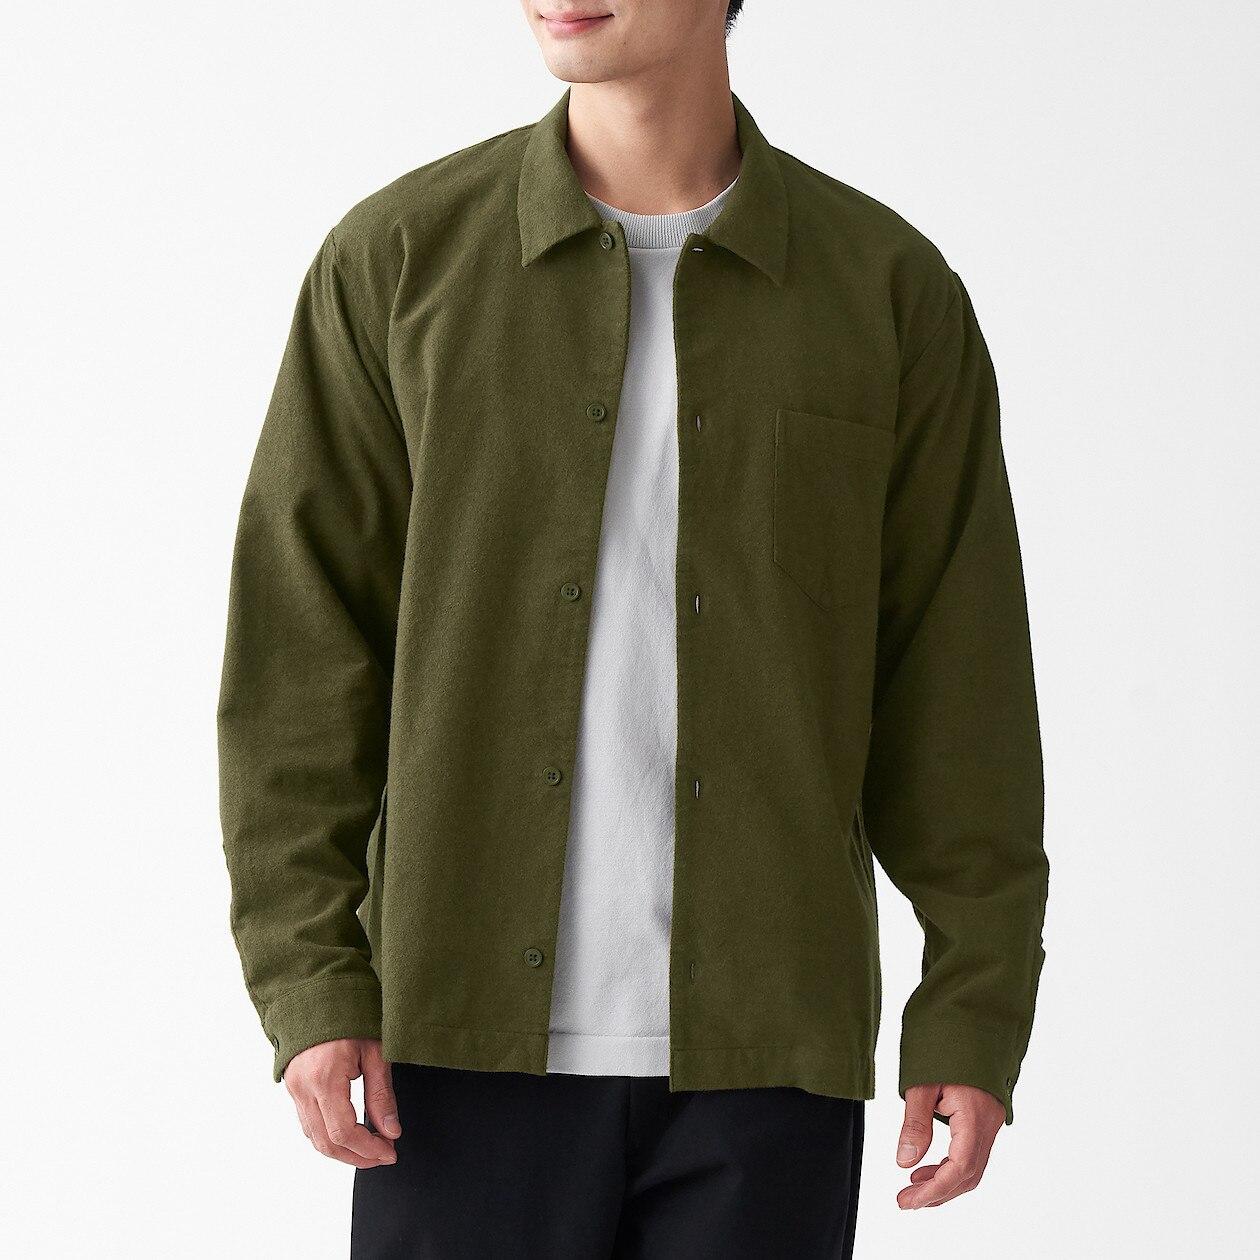 男有機棉法蘭絨方型剪裁襯衫 卡其綠XS | 無印良品